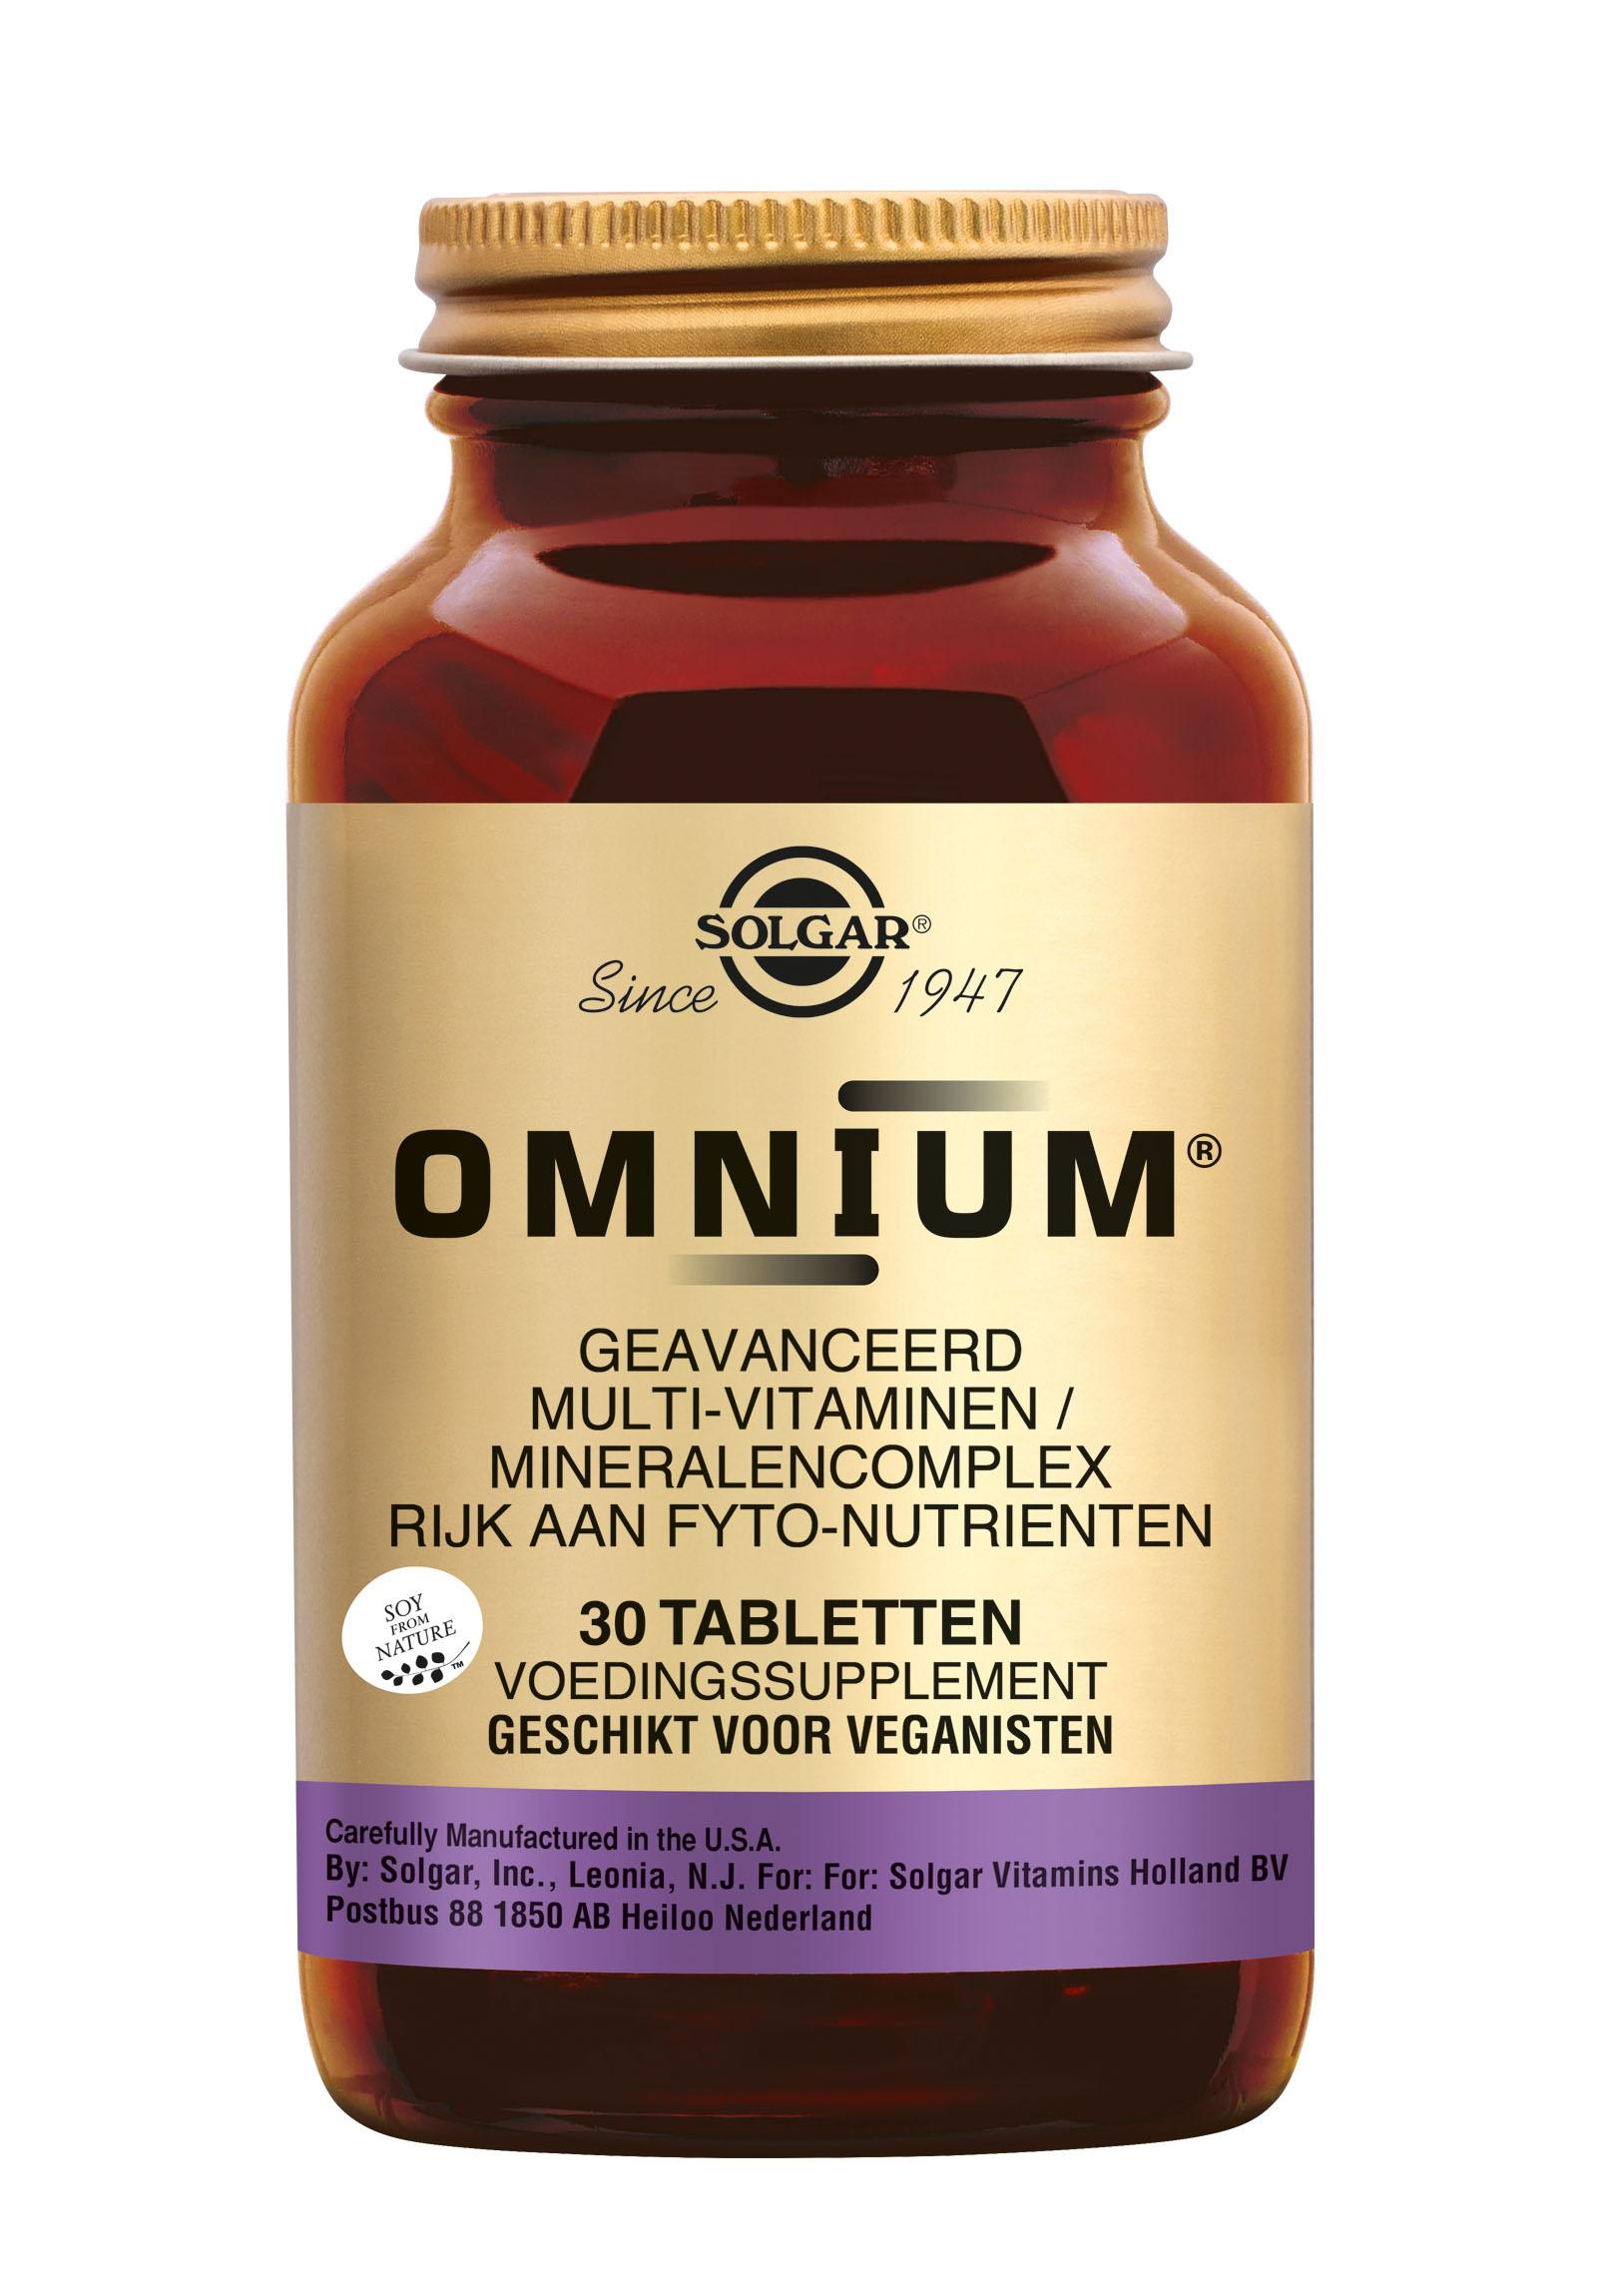 Omnium�, Solgar, Nu met gratis 2 pakjes Pukka thee naar keuze ter waarde van 7,98.